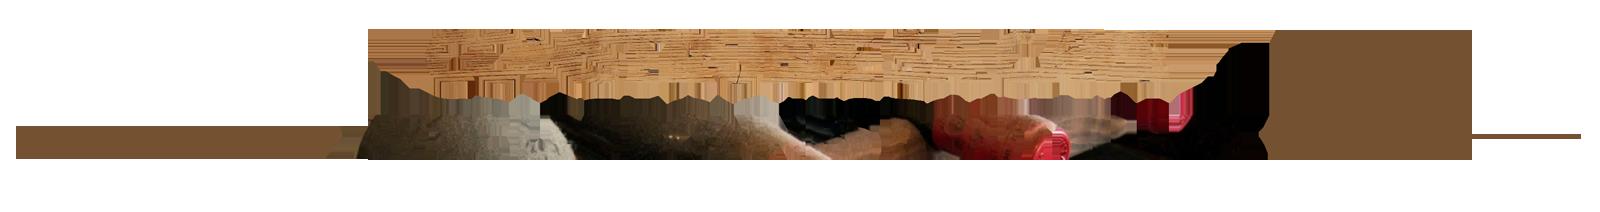 banniere-construire-cave